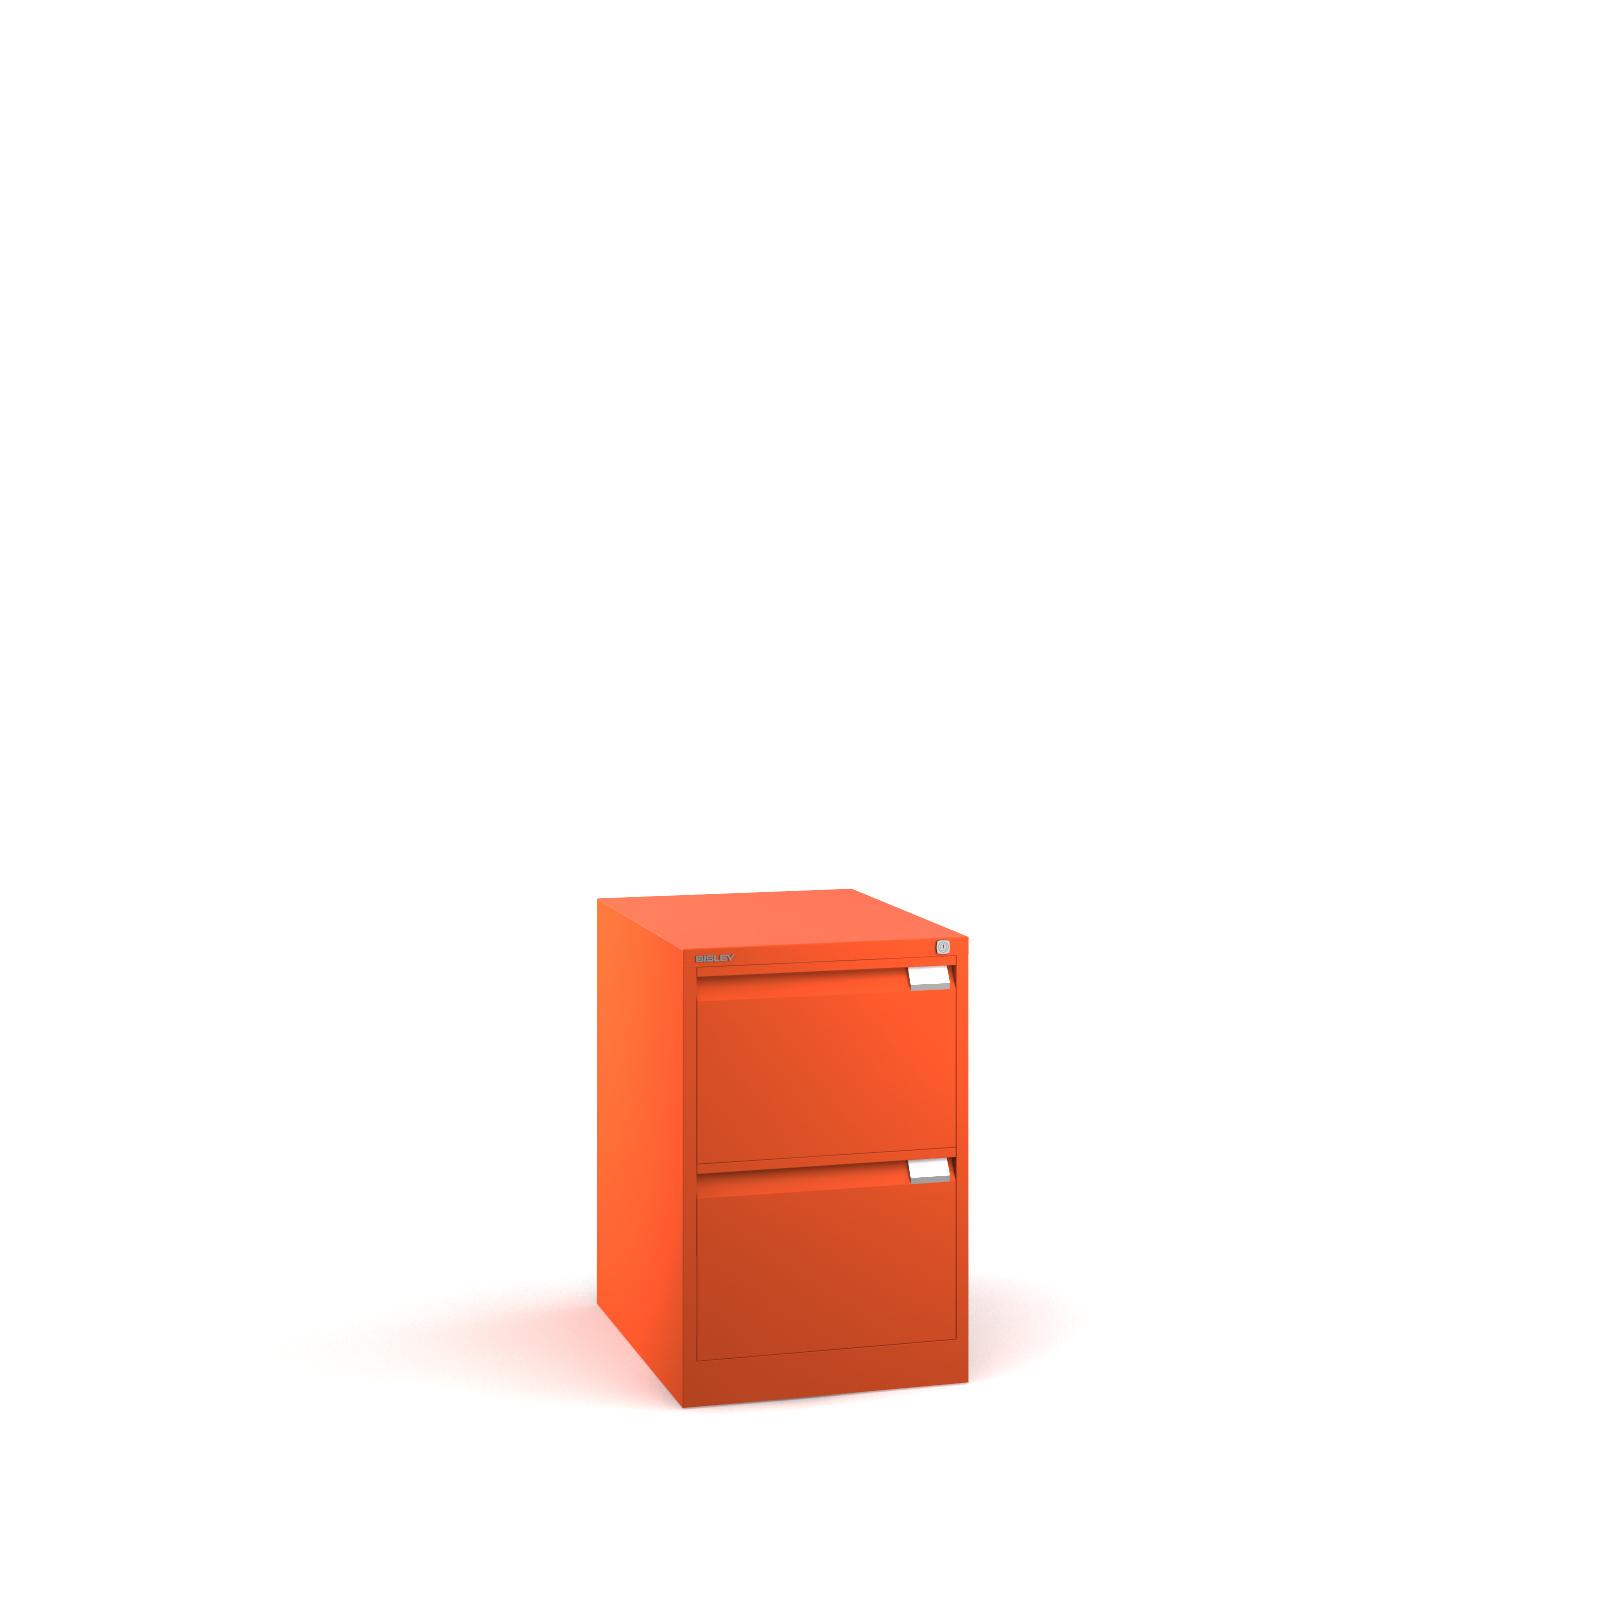 Bisley 2 drawer BS filing cabinet 711mm - orange